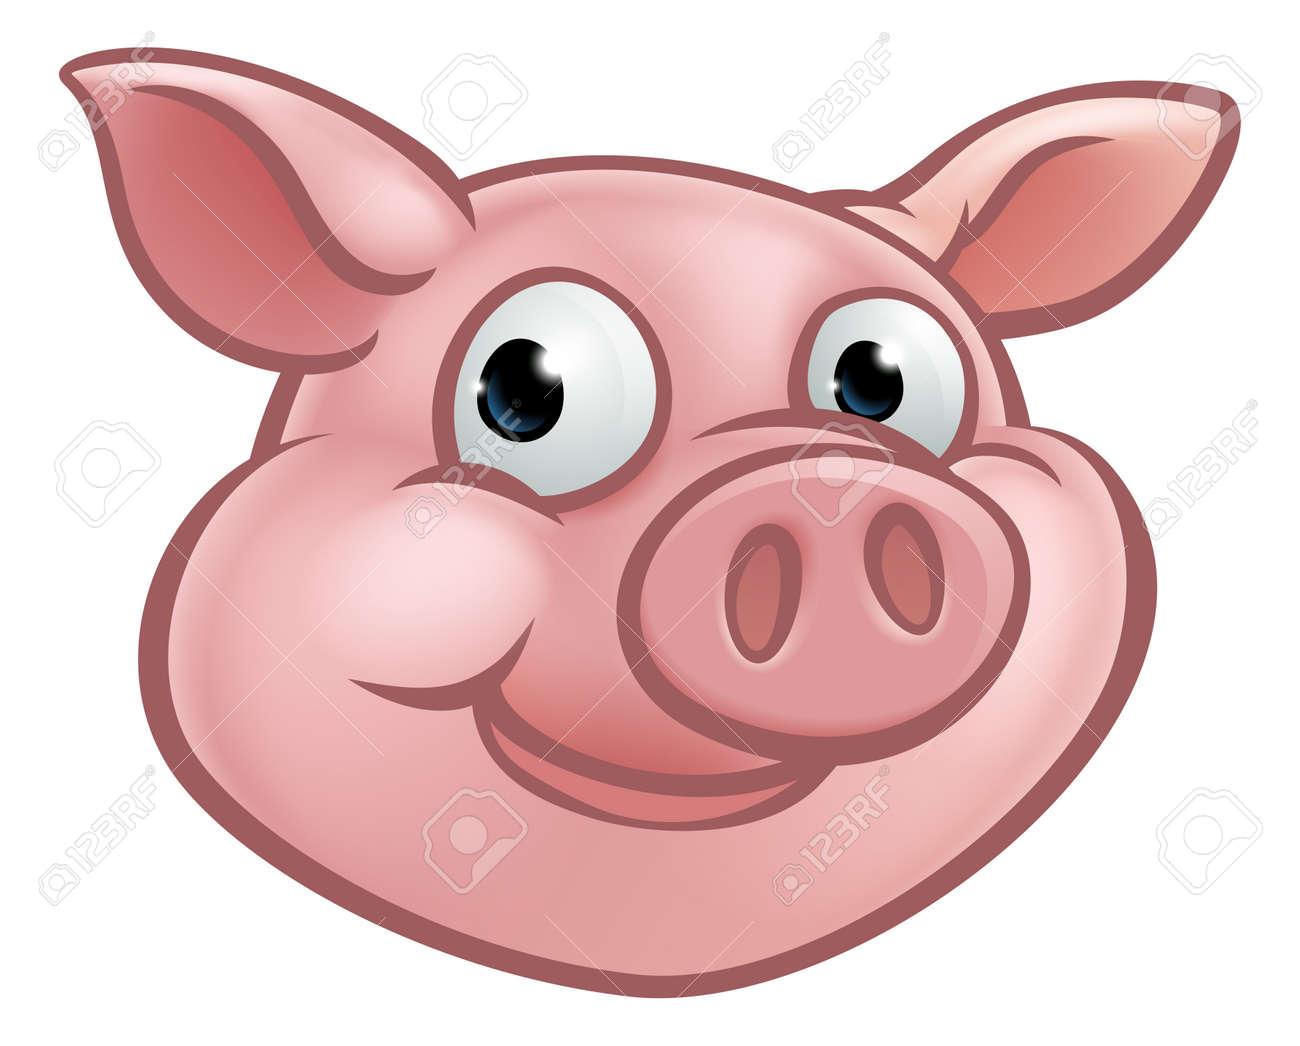 A cute cartoon pig character mascot, vector illustration. - 89058290